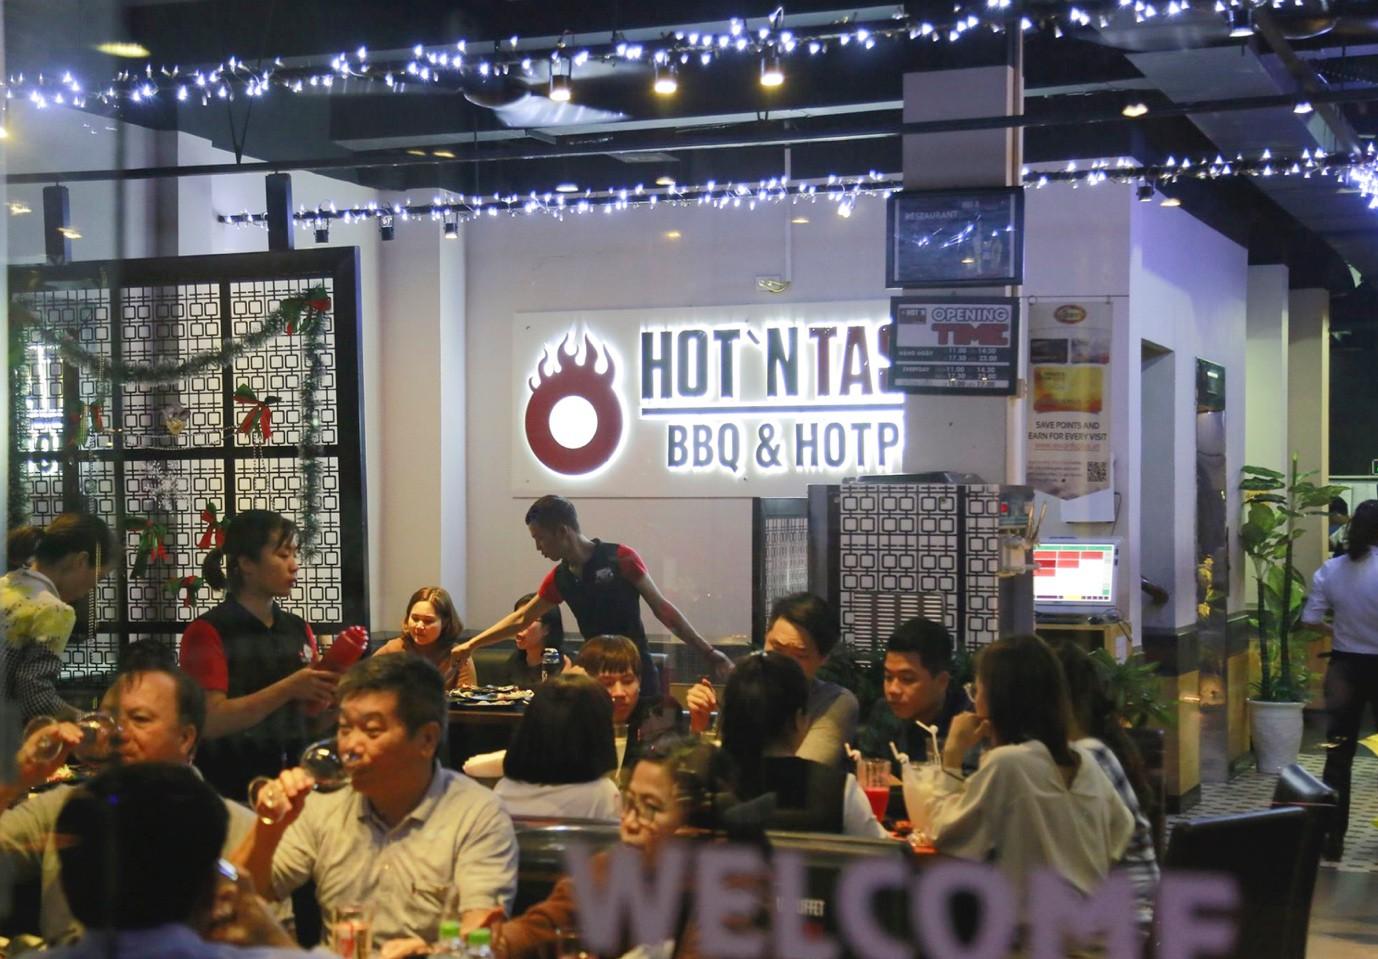 Hot hơn cả mùa hè Hà Nội – buffet lẩu nướng hơn 50 món tại HotnTasty đang giảm 50% người thứ 2 - Ảnh 4.